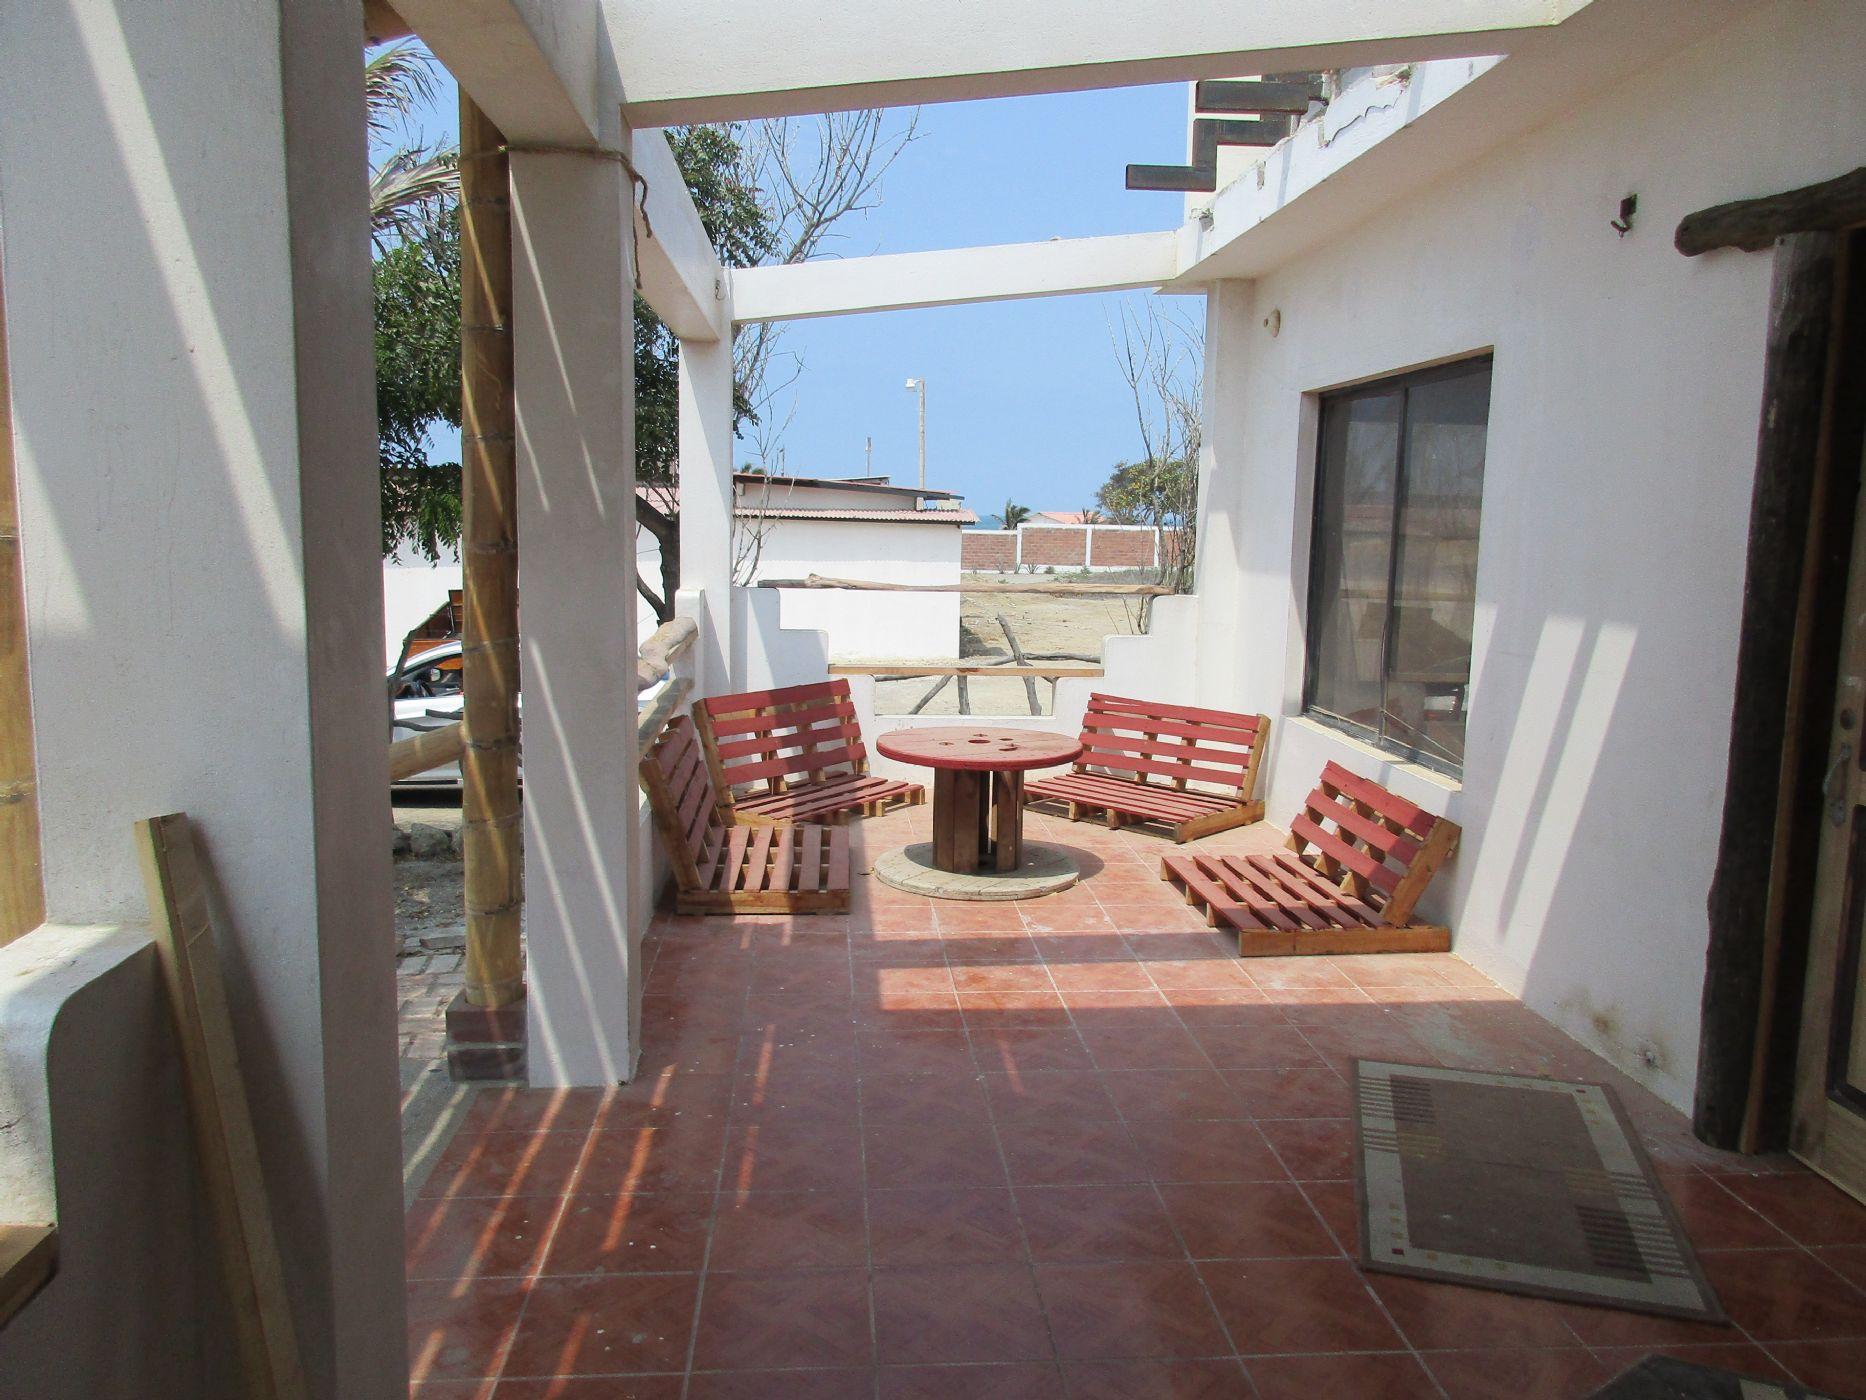 Anconcito-Ecuador-property-490819-3.JPG